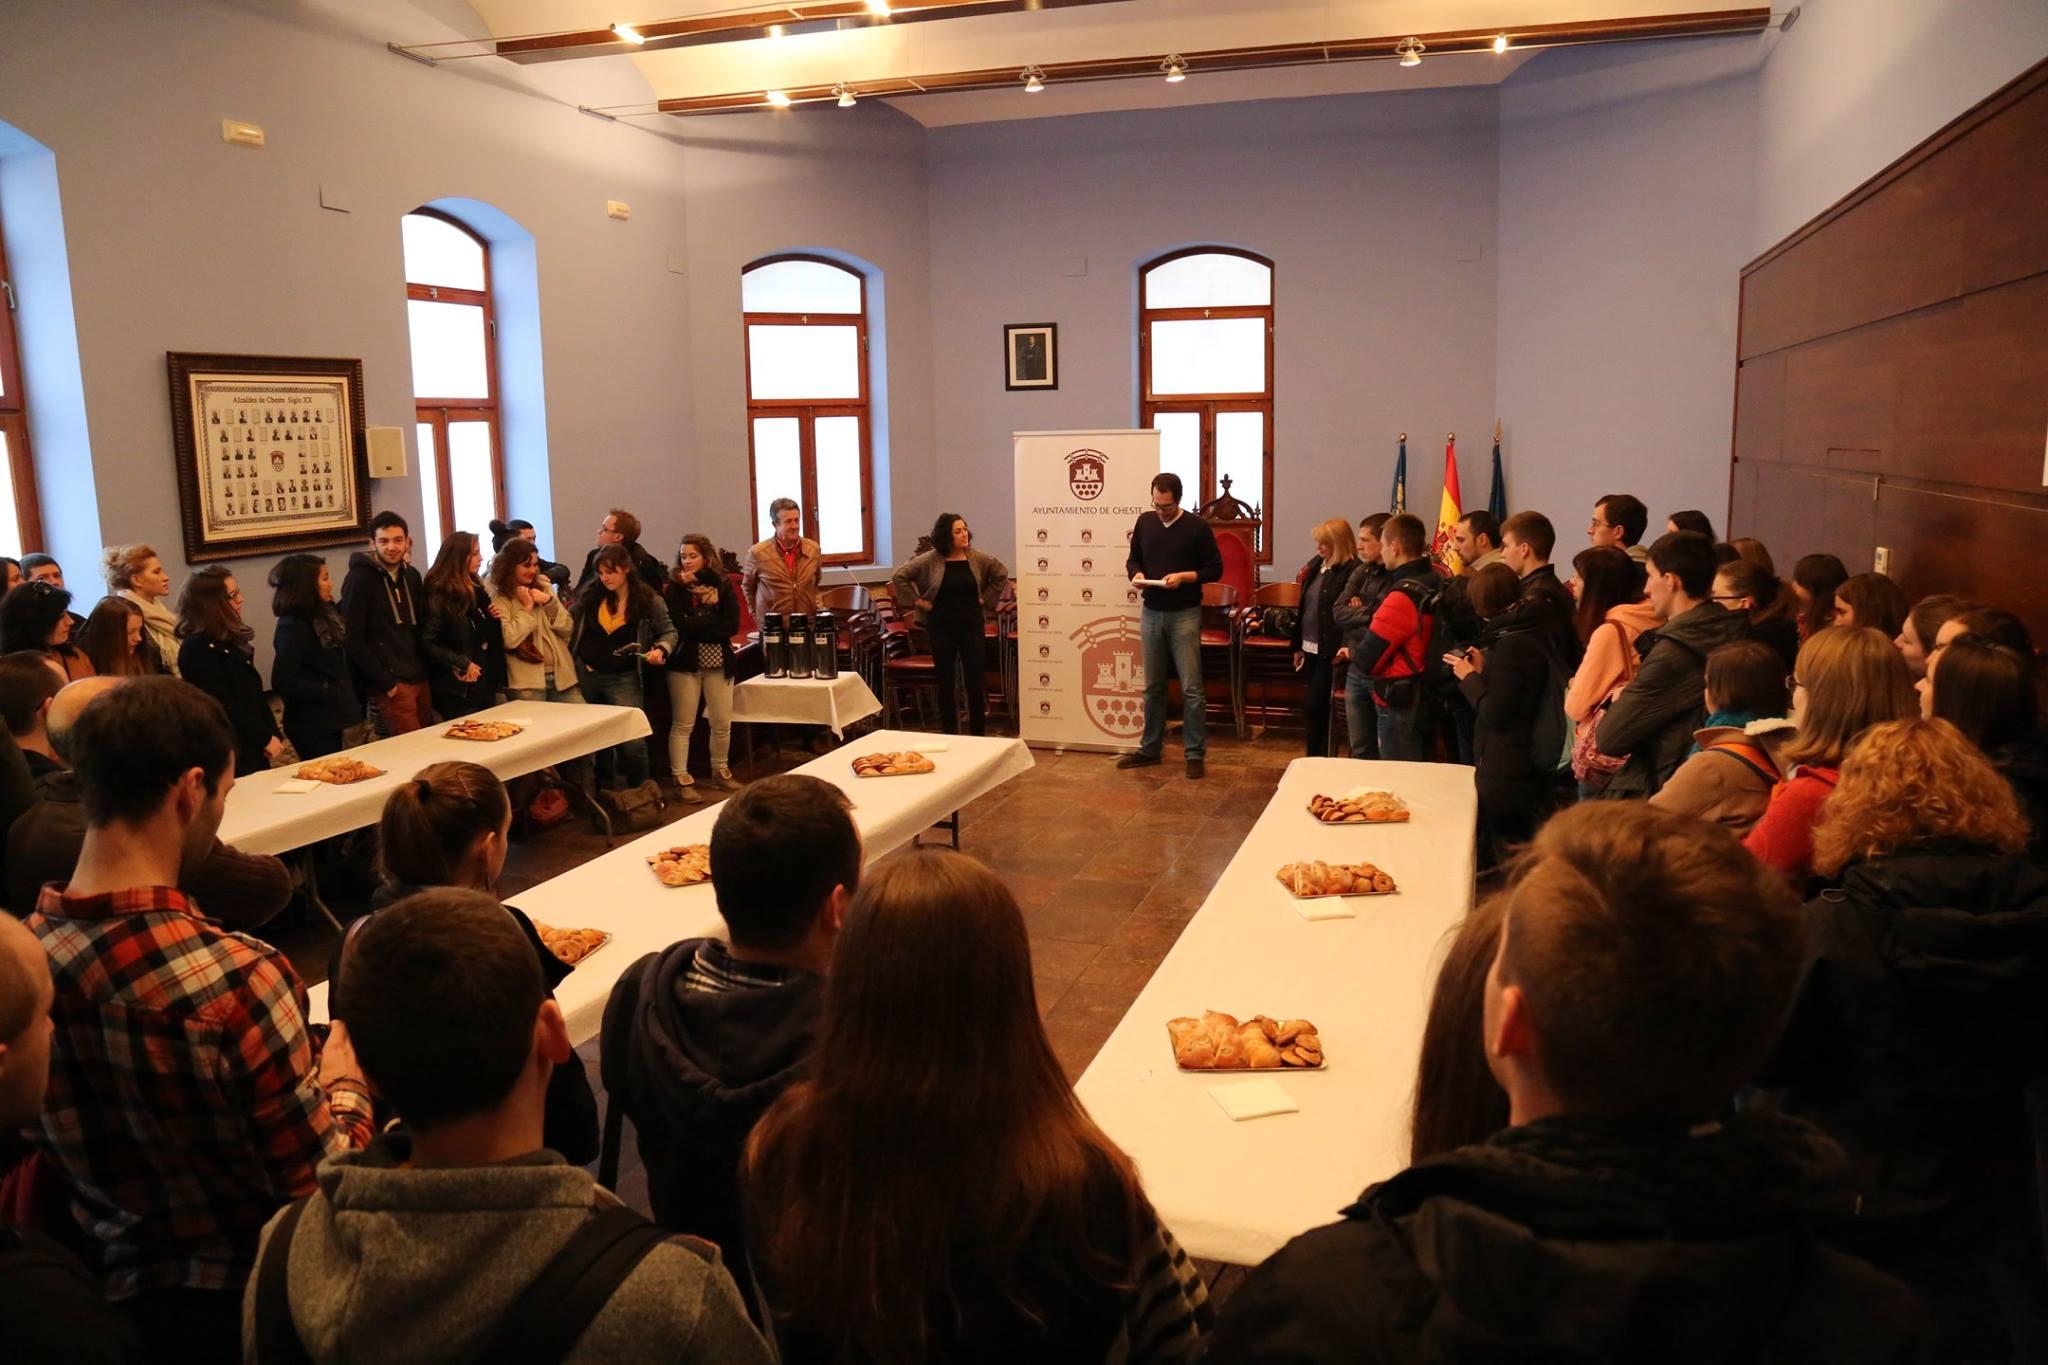 El alcalde recibió a los jóvenes participantes en la iniciativa religiosa.